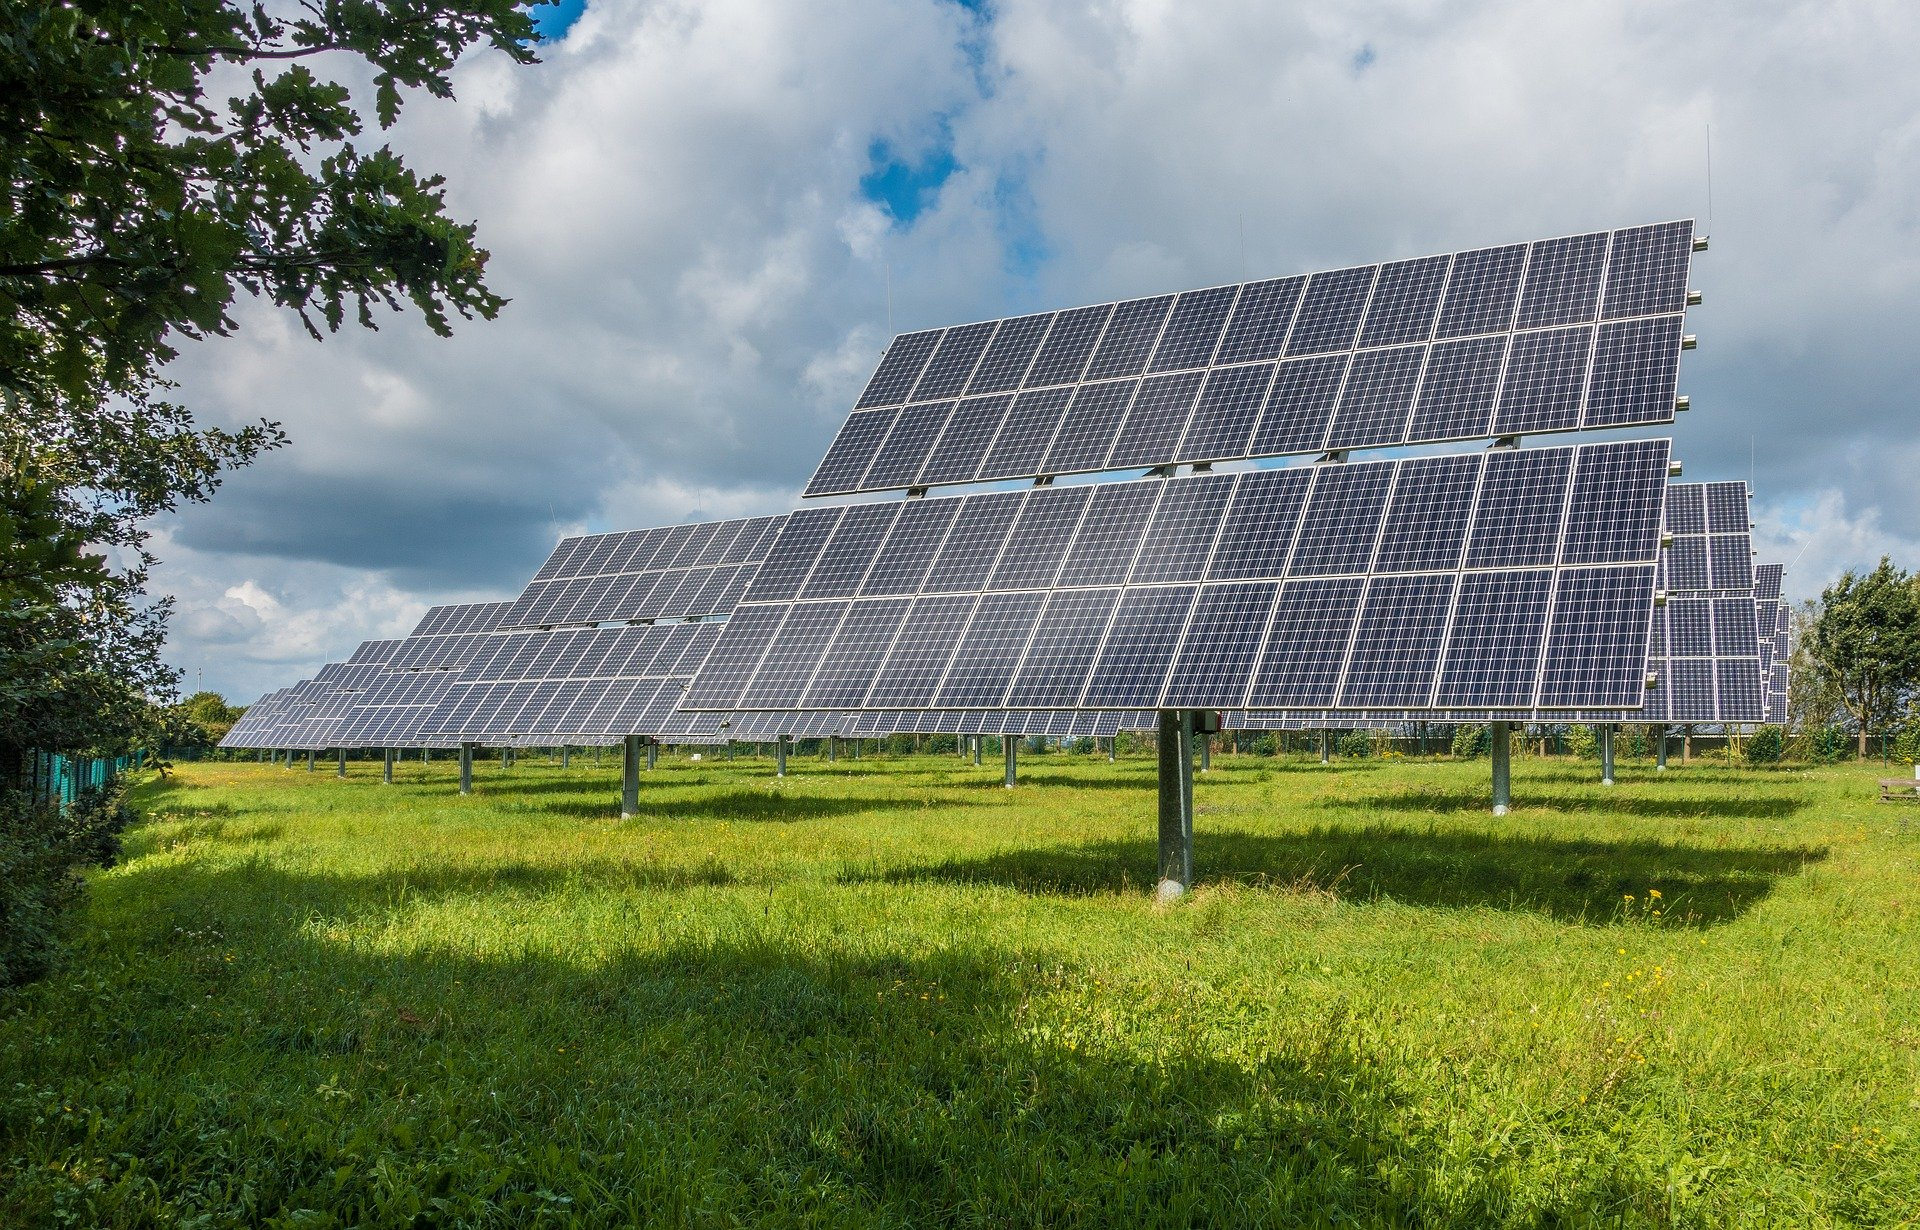 https://pixabay.com/pt/photos/sistema-fotovoltaico-solar-2742302/